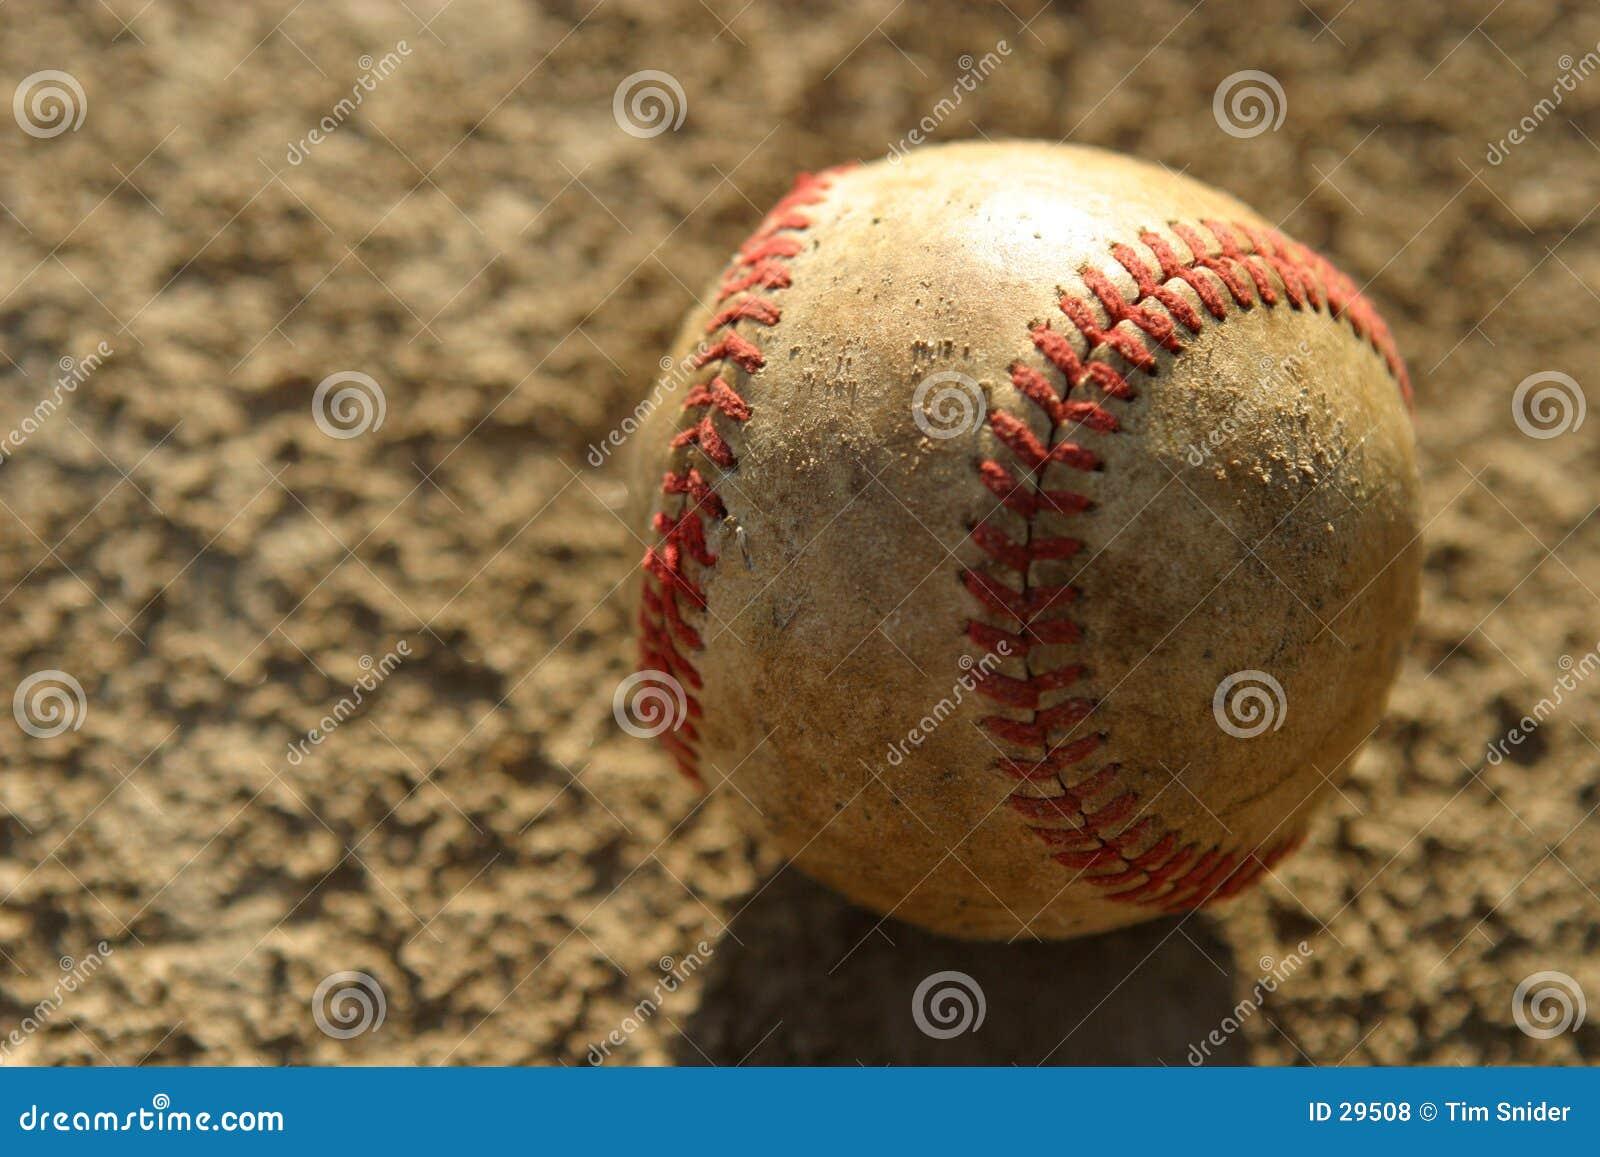 Download Béisbol usado foto de archivo. Imagen de juego, desgastado - 29508